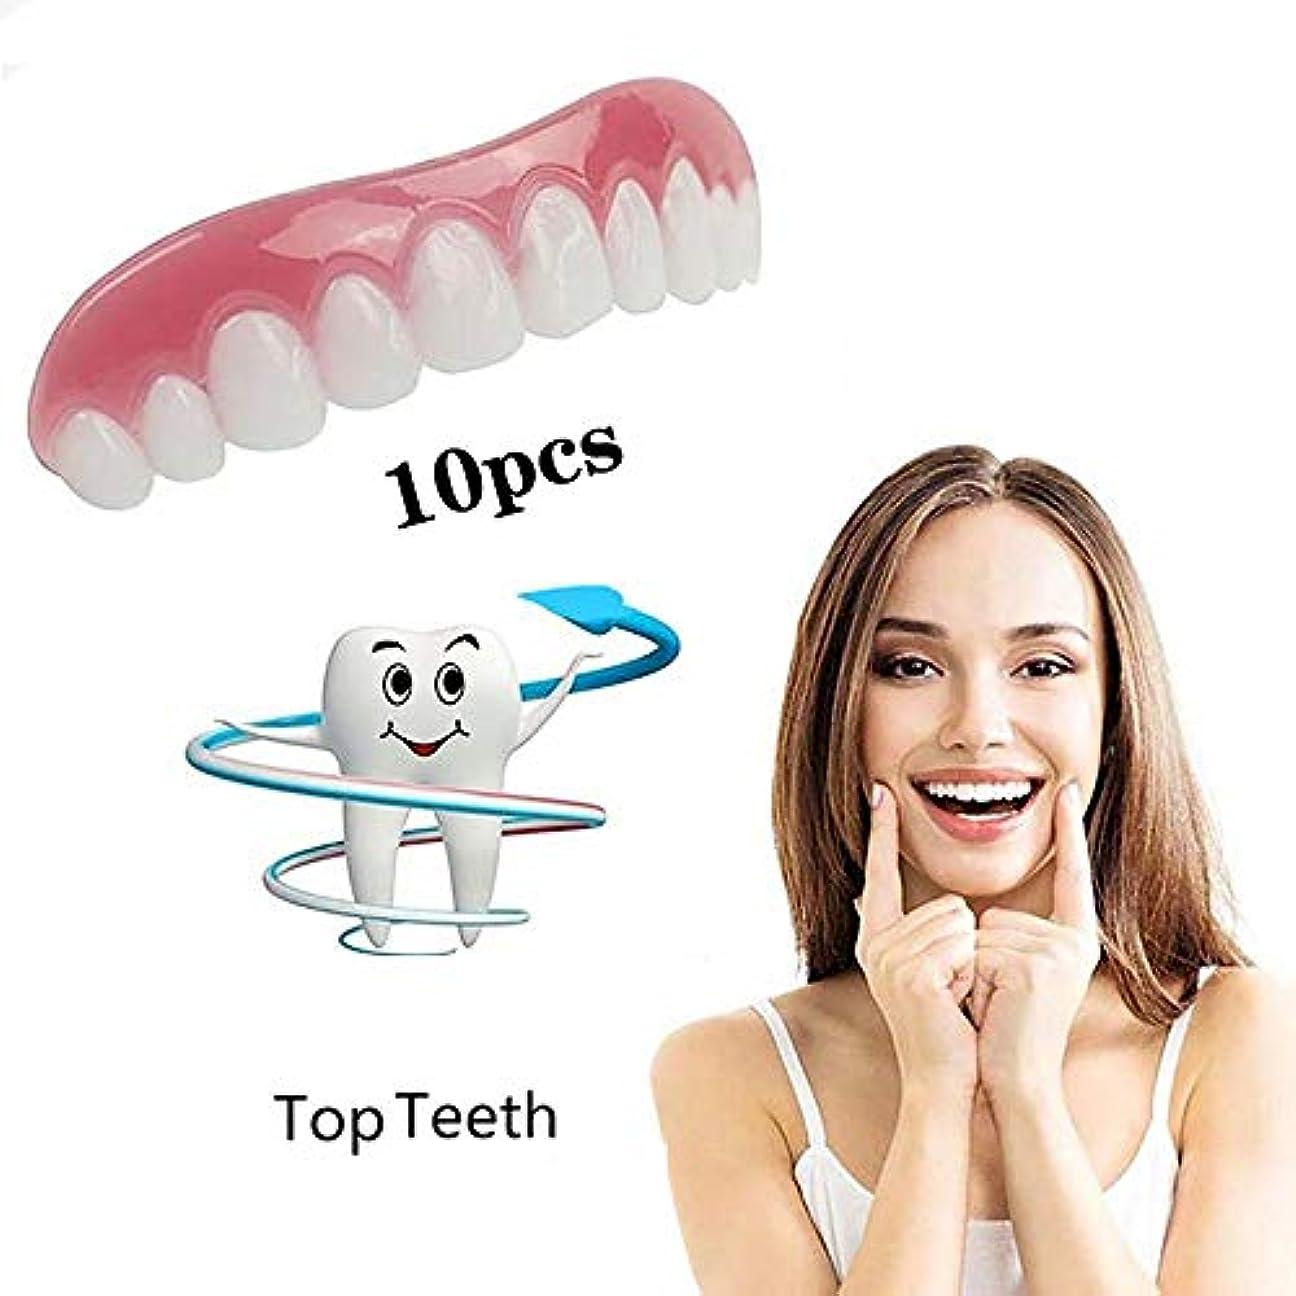 デモンストレーション安心させる法律により10個偽の歯アッパー偽の偽の歯カバースナップオン即時の歯の化粧品義歯のケアオーラルケアシリコーンホワイトニング義歯